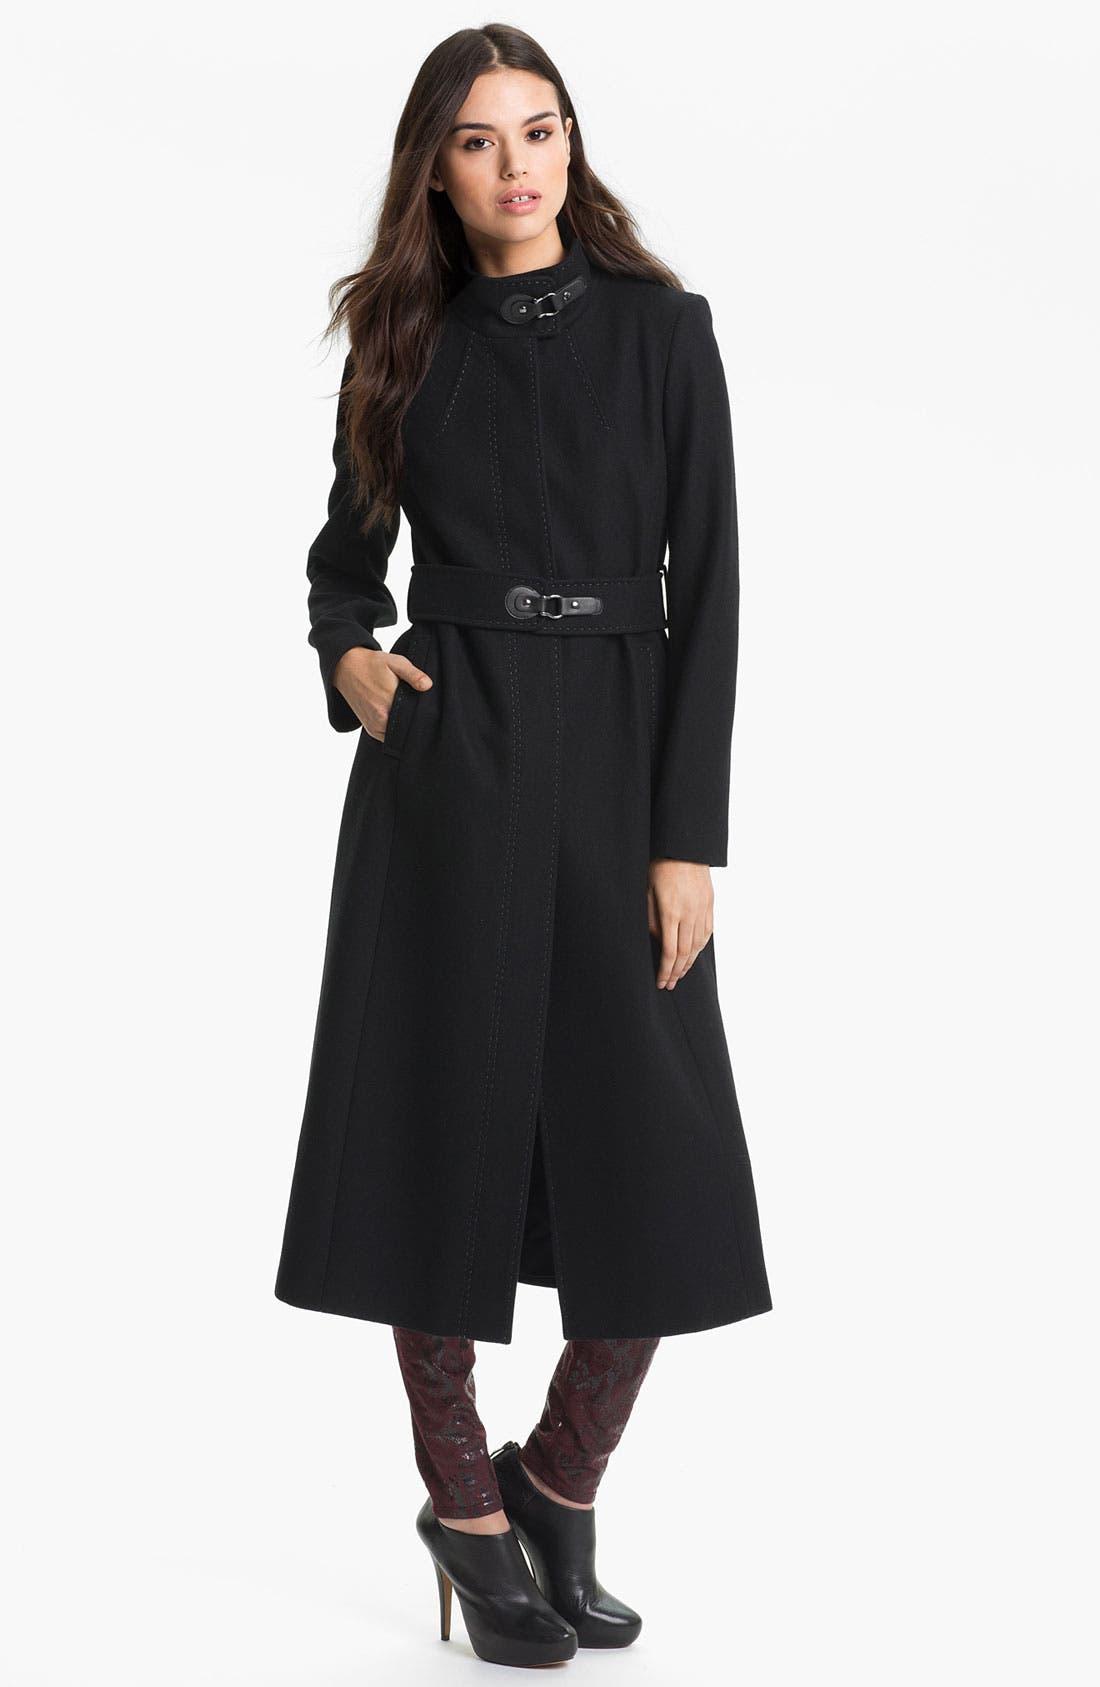 Main Image - Via Spiga 'Maria' Tab Trim Coat (Nordstrom Exclusive)